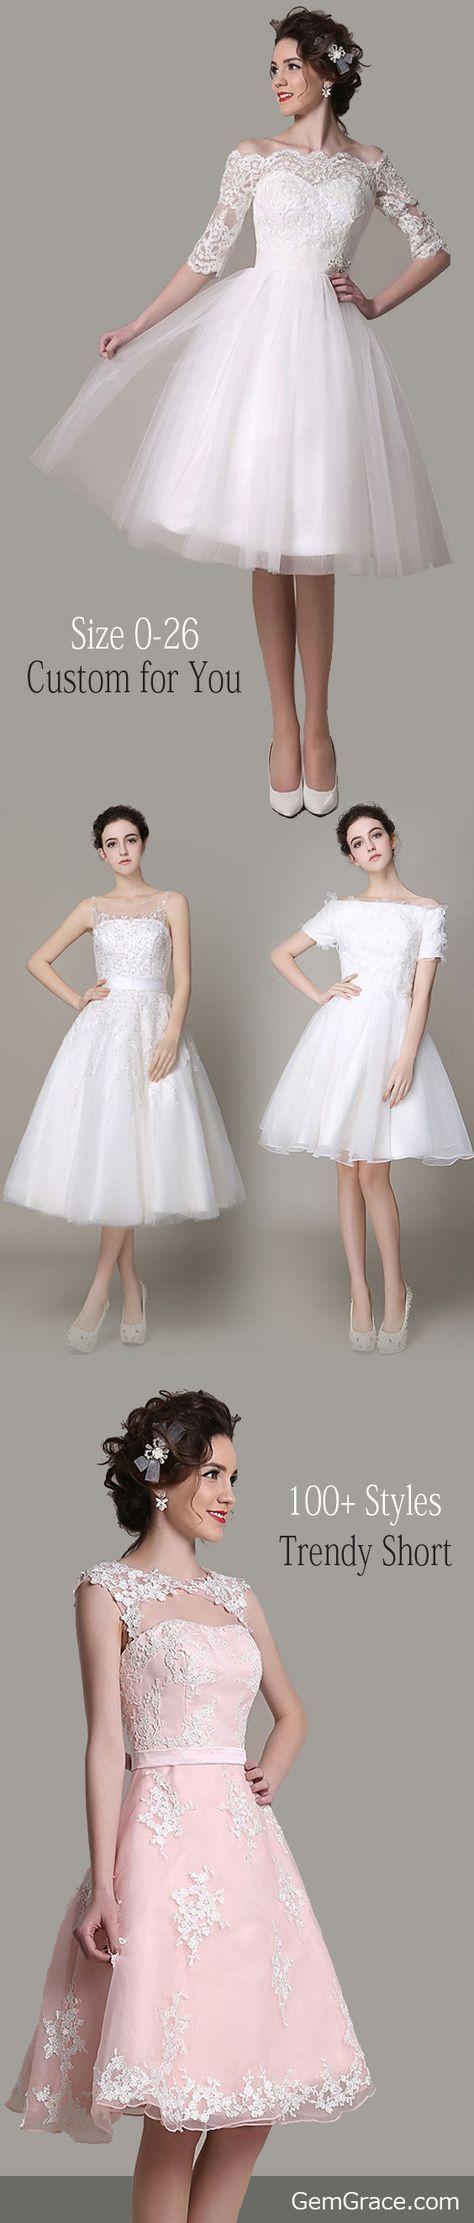 Wedding dresses for short women   short wedding dresses Try our best short dresses for your